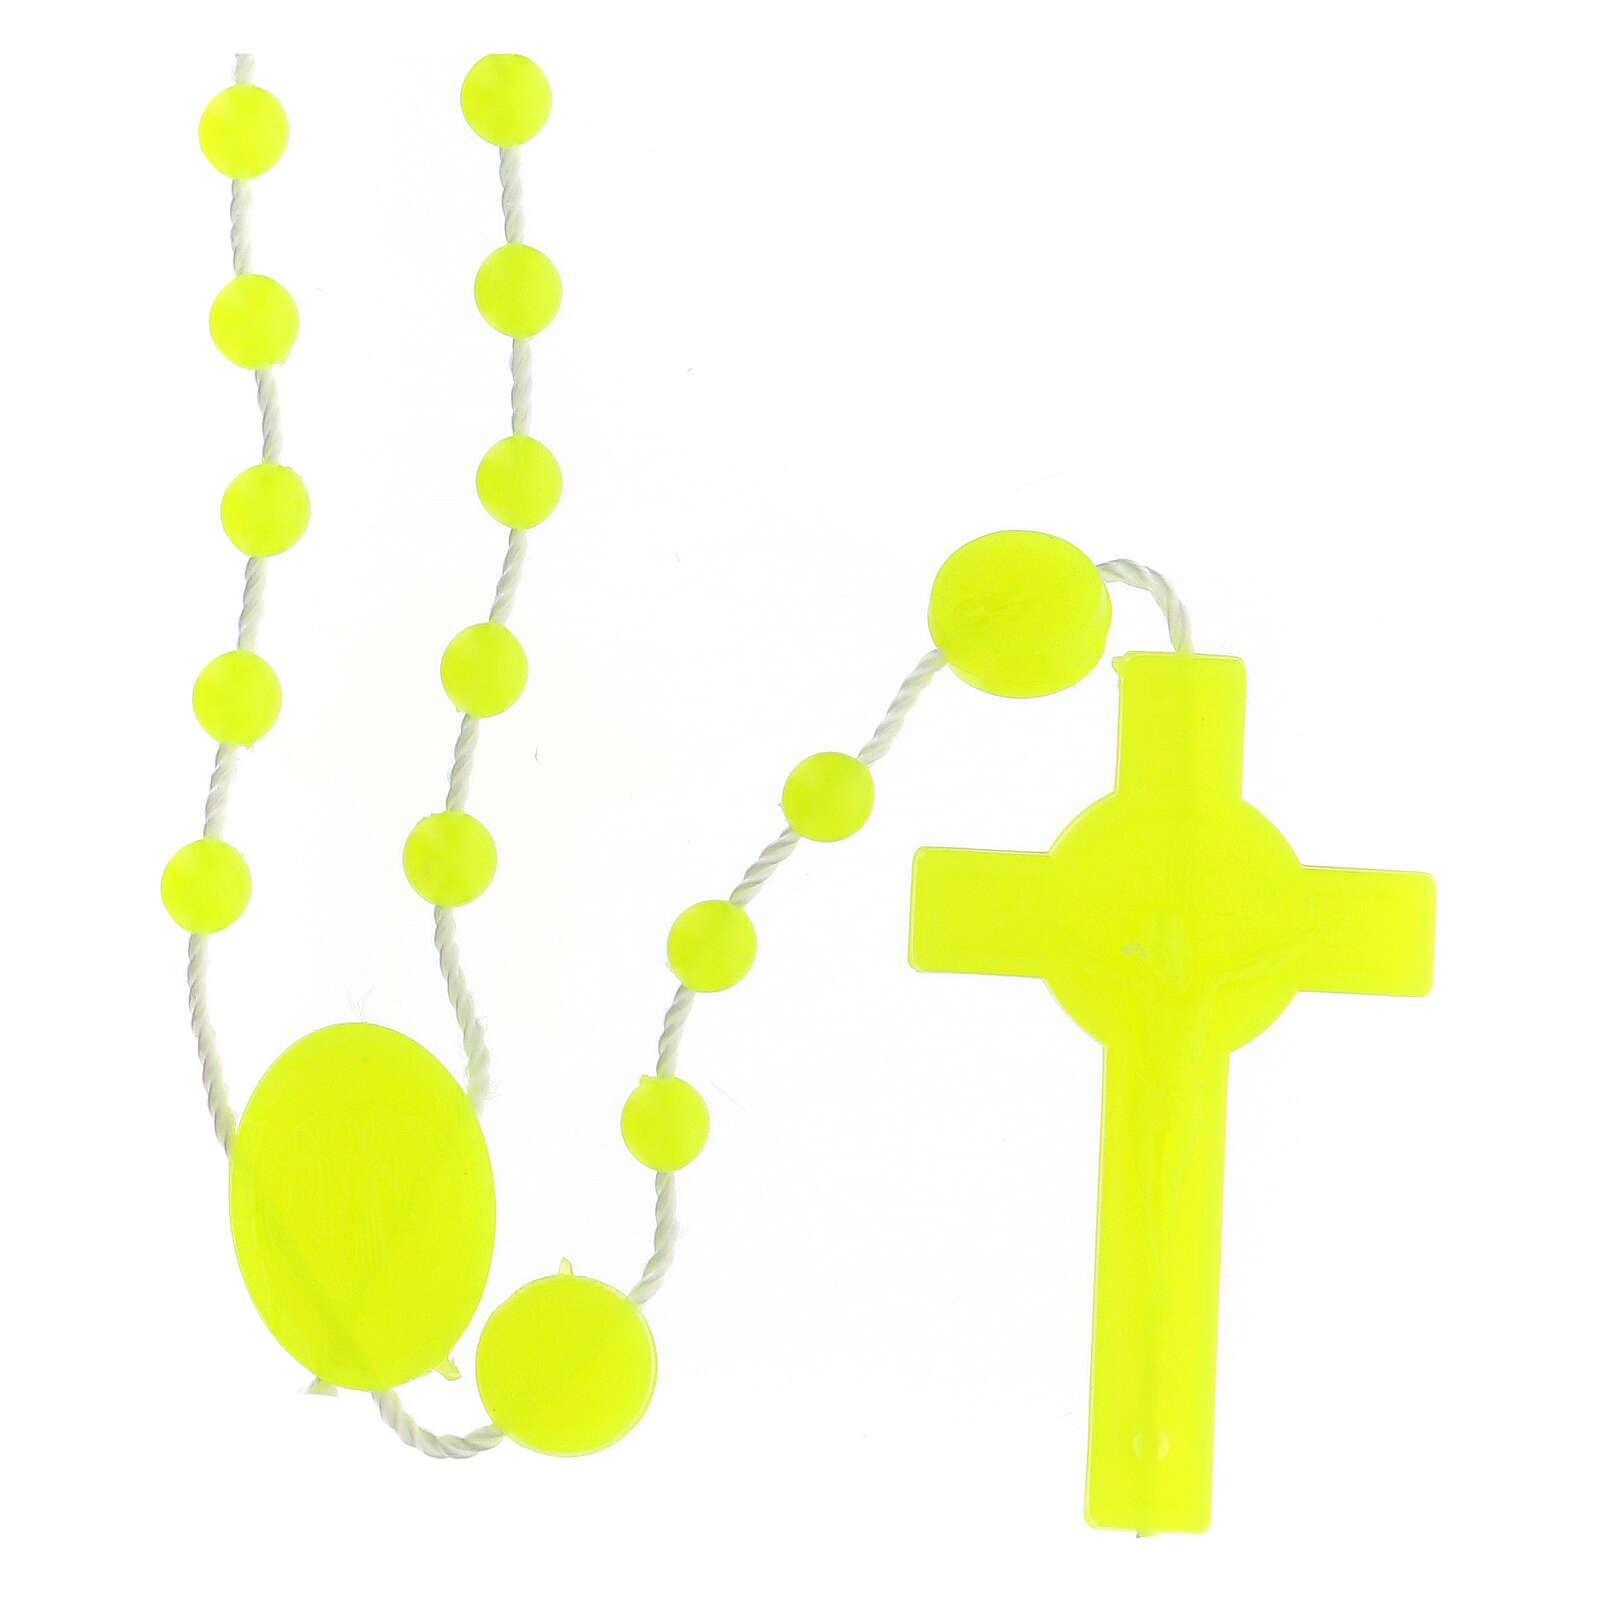 STOCK Terço nylon amarelo fluorescente São Bento contas de 4 mm 4